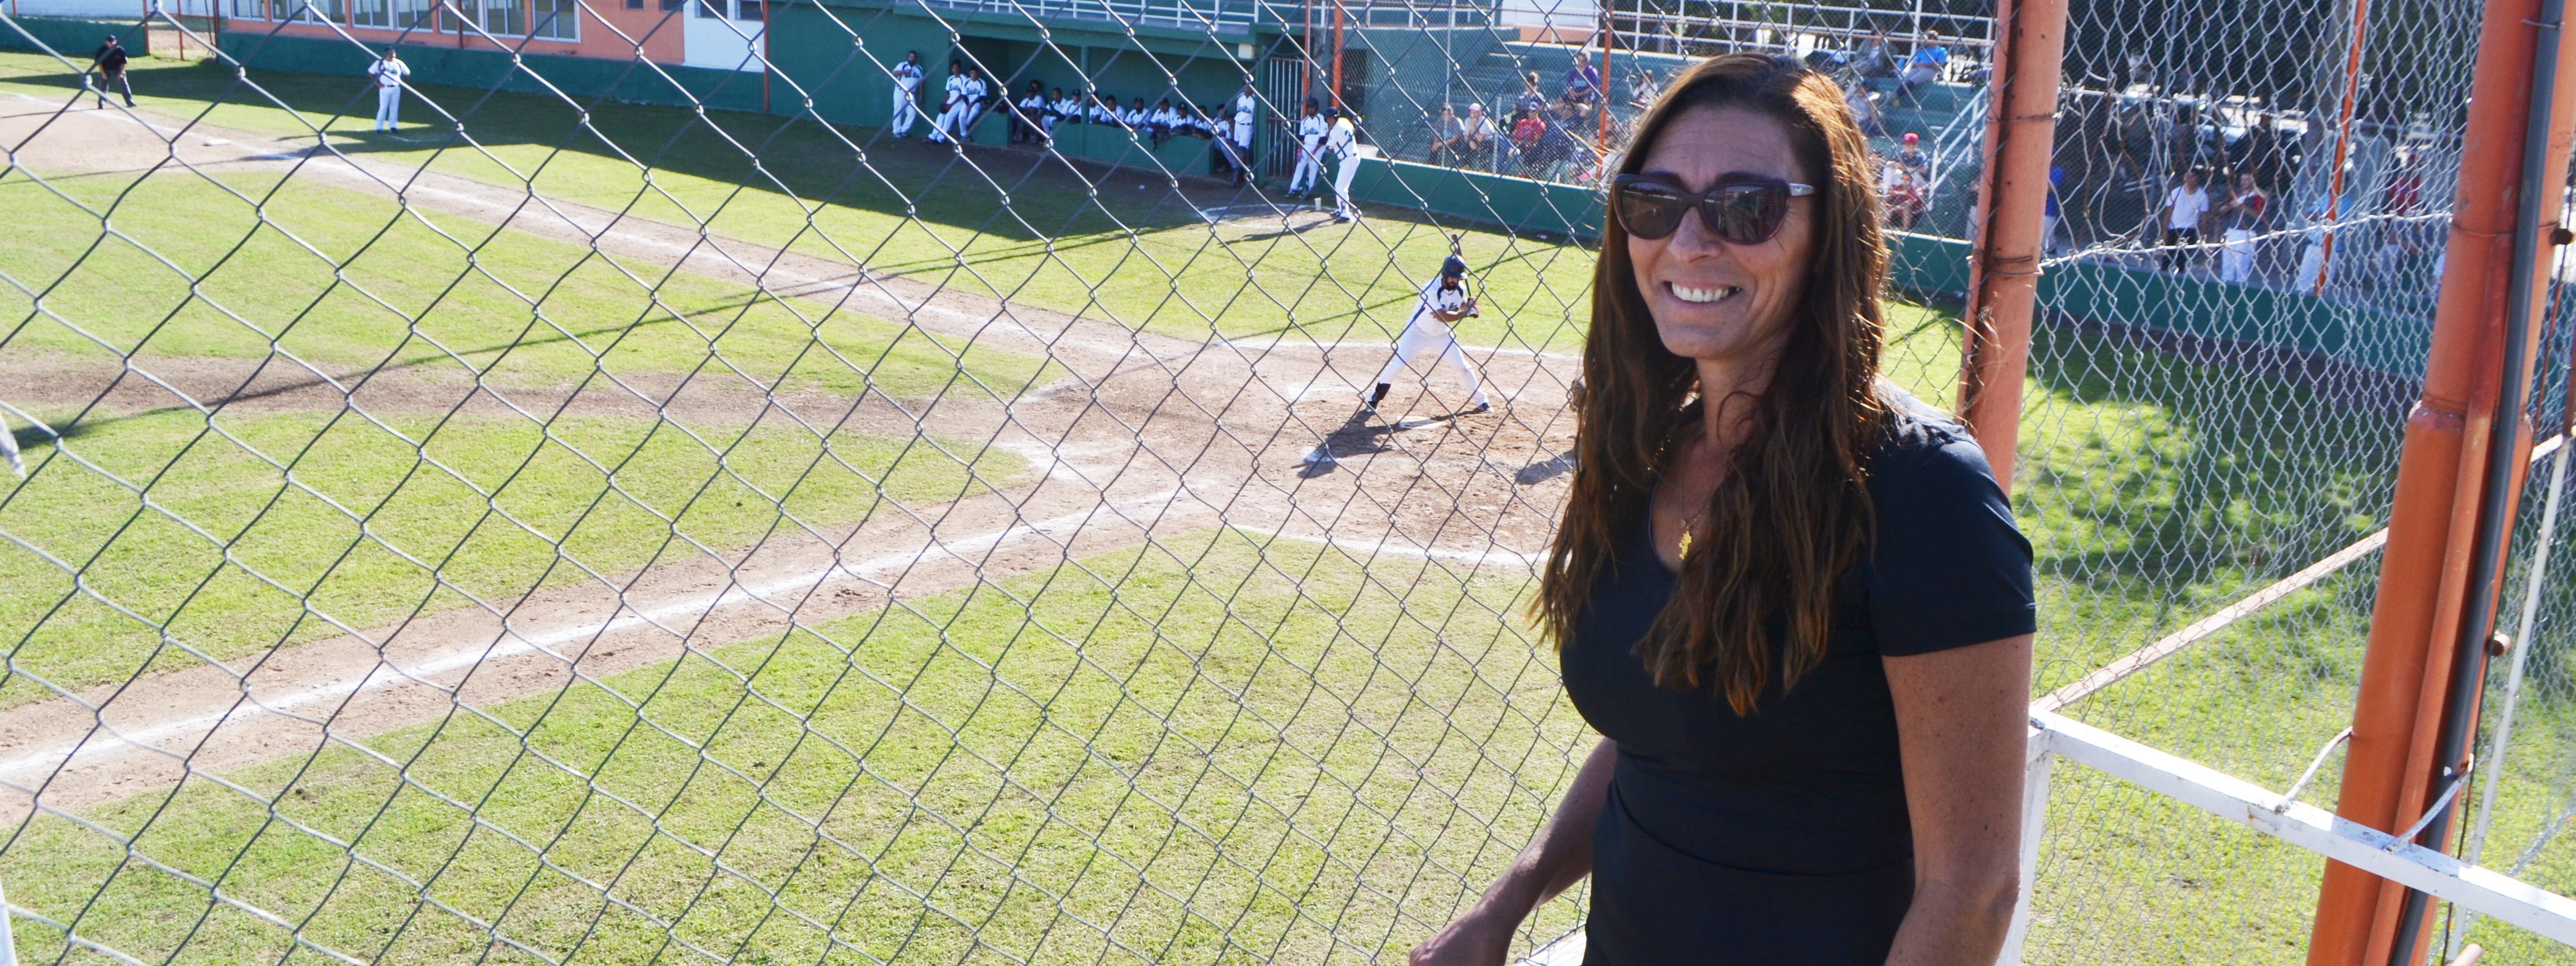 """MUJER EN EL DEPORTE: """"Vamos a trabajar por la igualdad en el deporte"""" (María José Majul, de la Comisión de la Mujer en la CDPC)"""